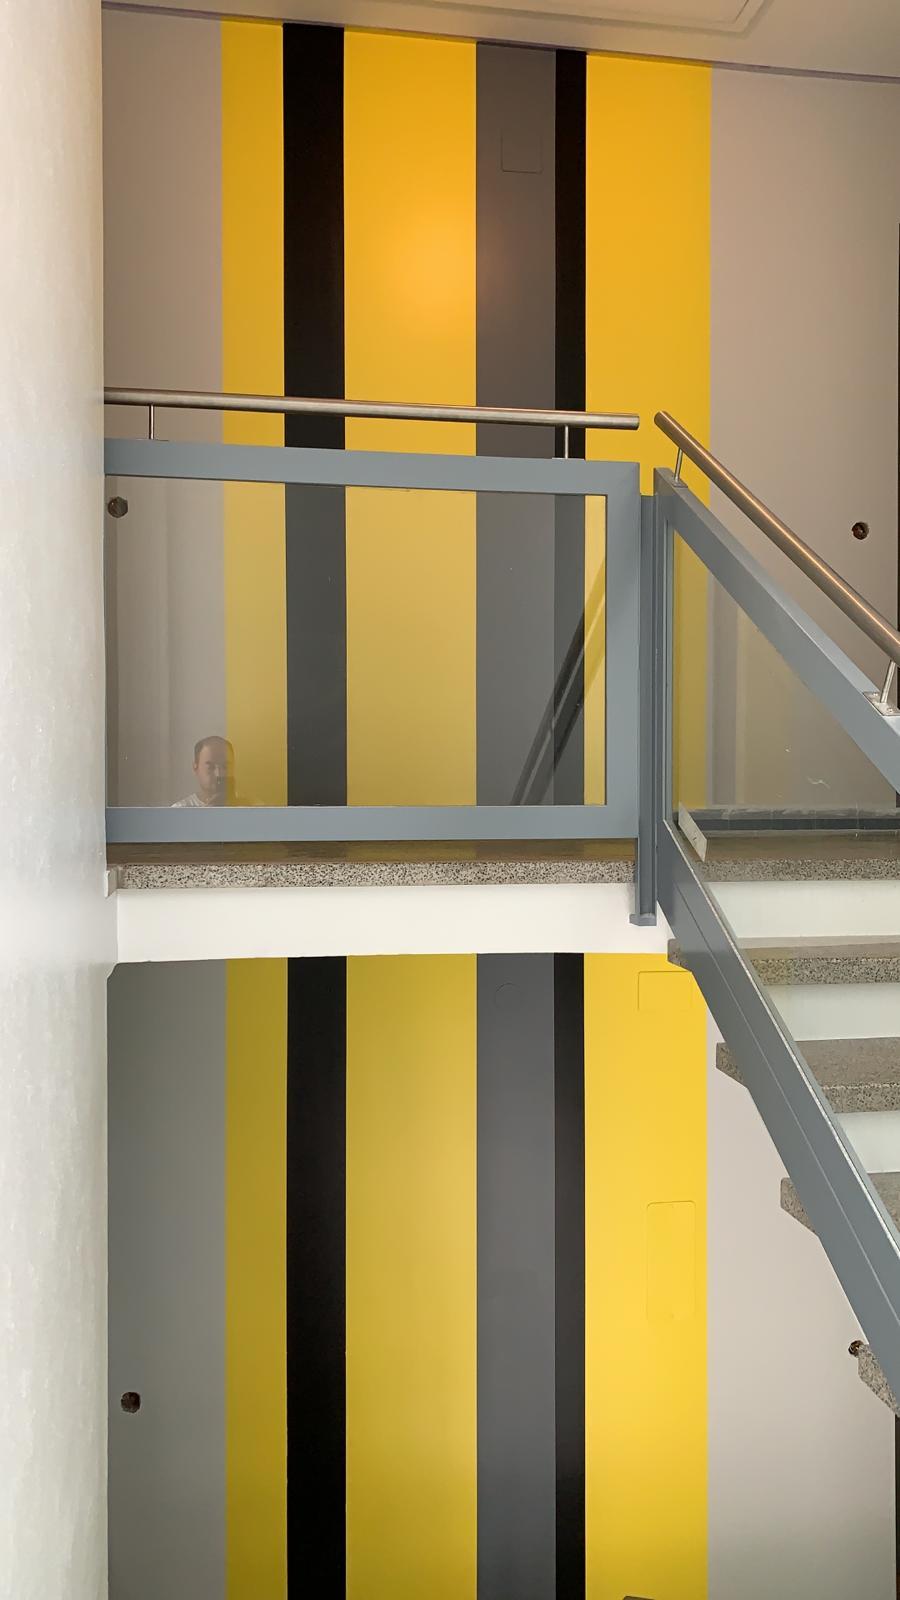 Exécution en peinture satinée de bandes décoratives qui d'un étage à l'autre sont parfaitement alignées